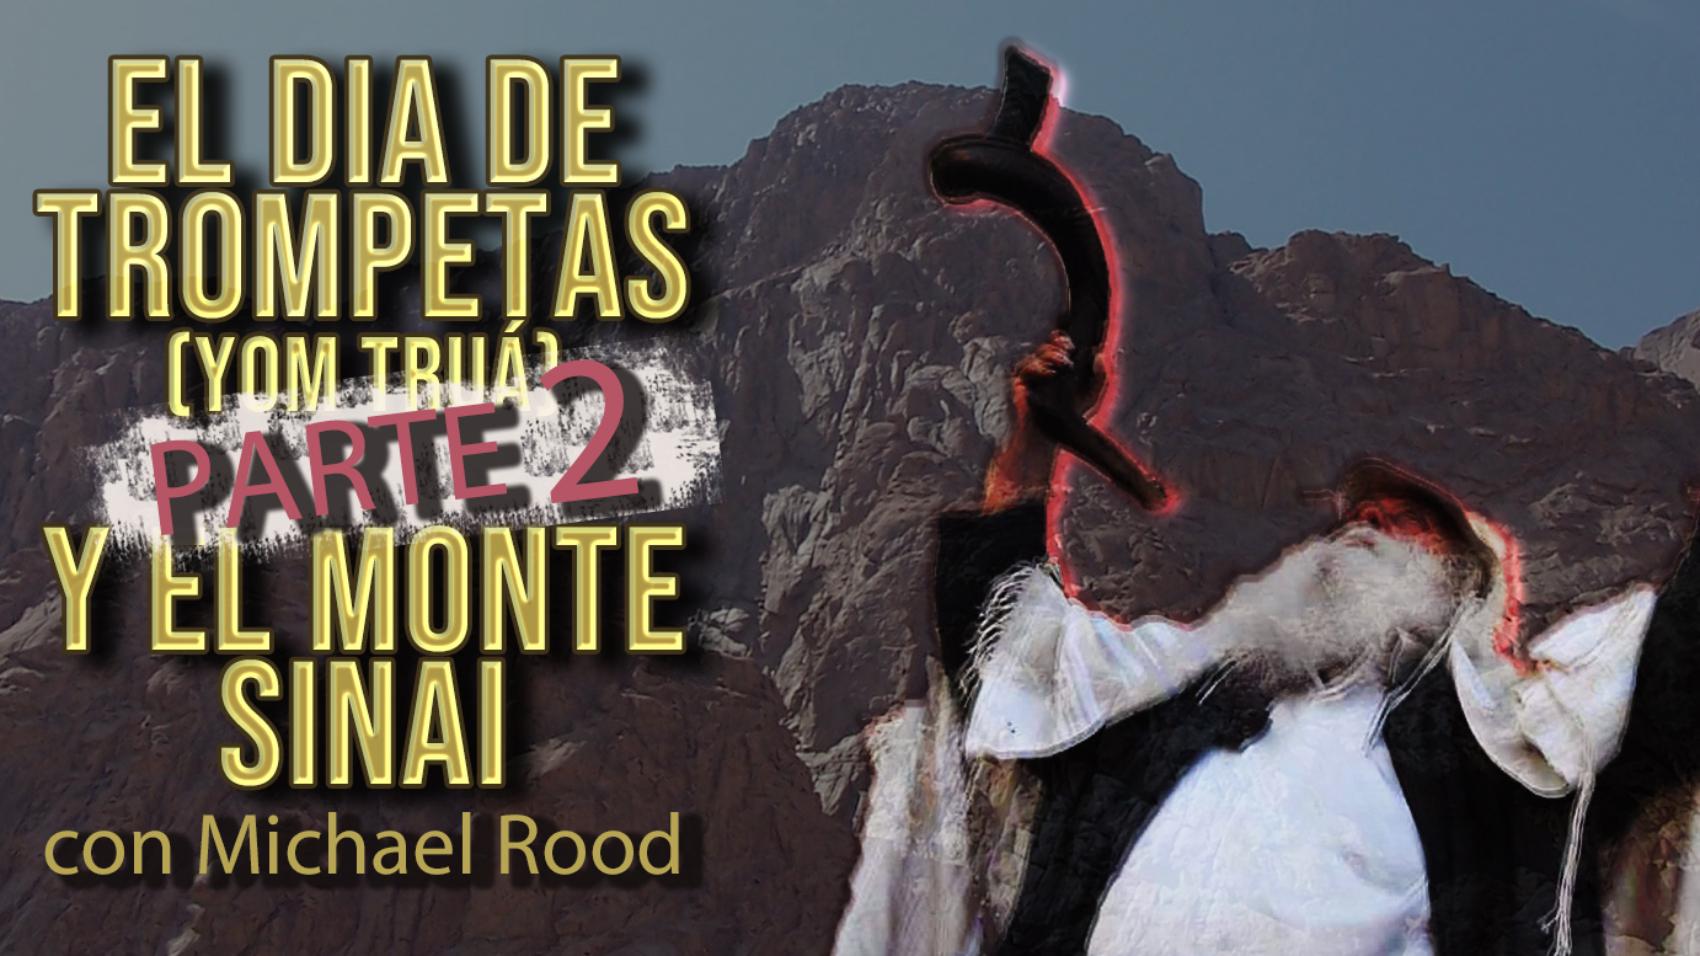 El Dia de Trompetas (Yom Truá) y el Monte Sinai - Edicion especial-PARTE 2-SLIDER CP